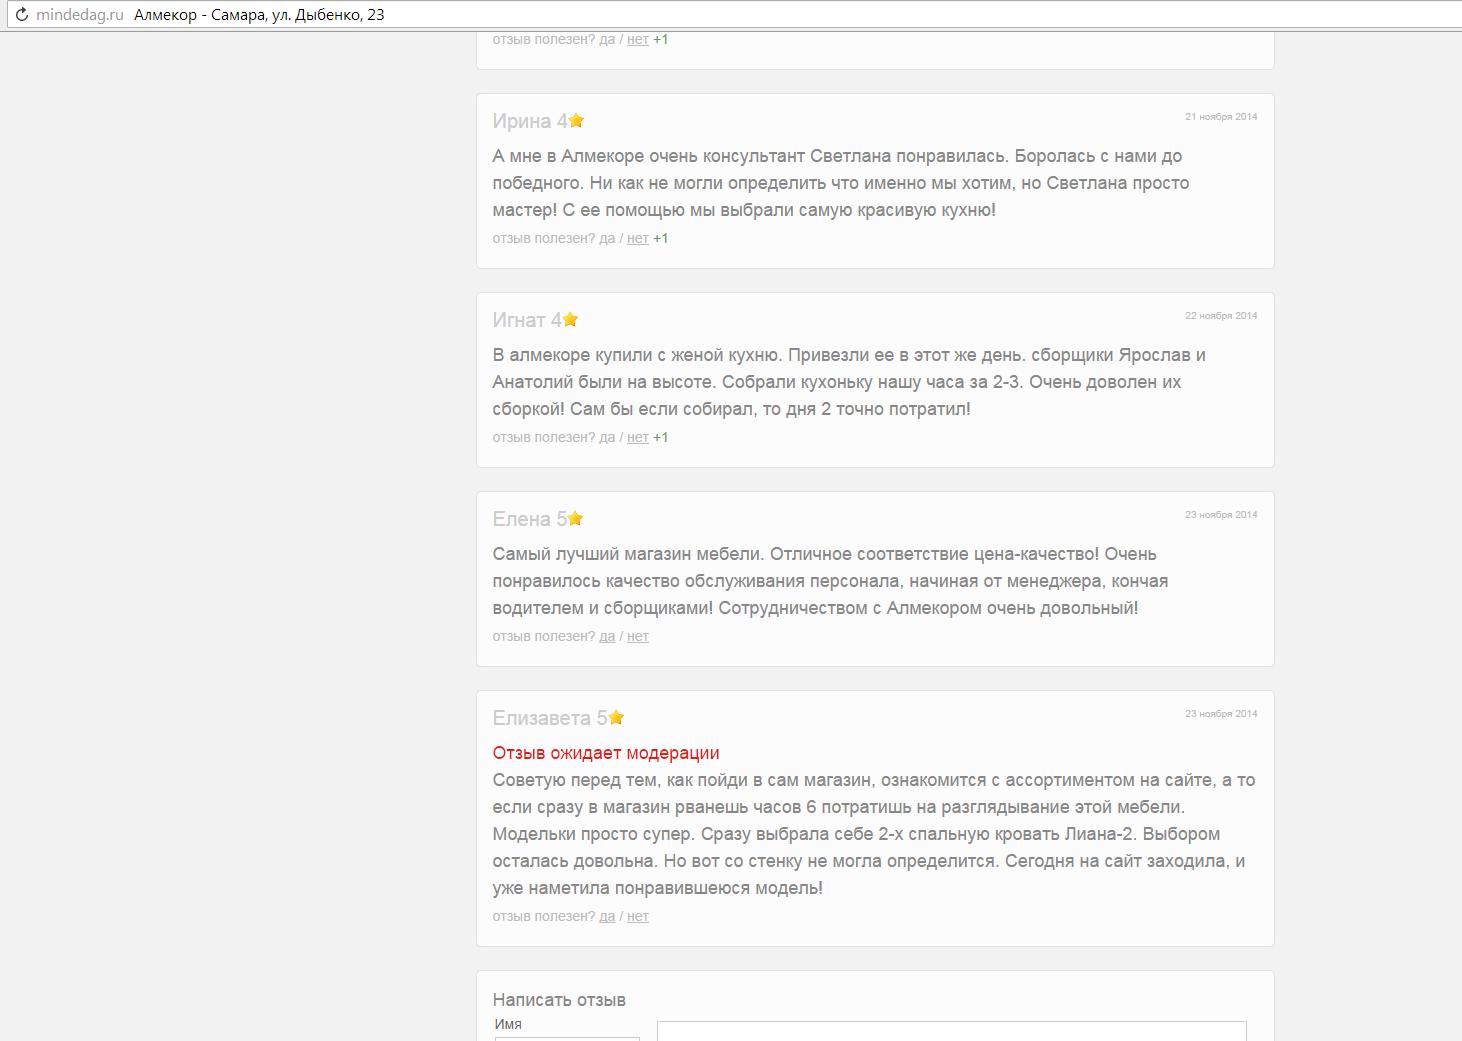 Написание и публикация положительных отзывов, что бы не забанили!(10 шт) 3-й сайт